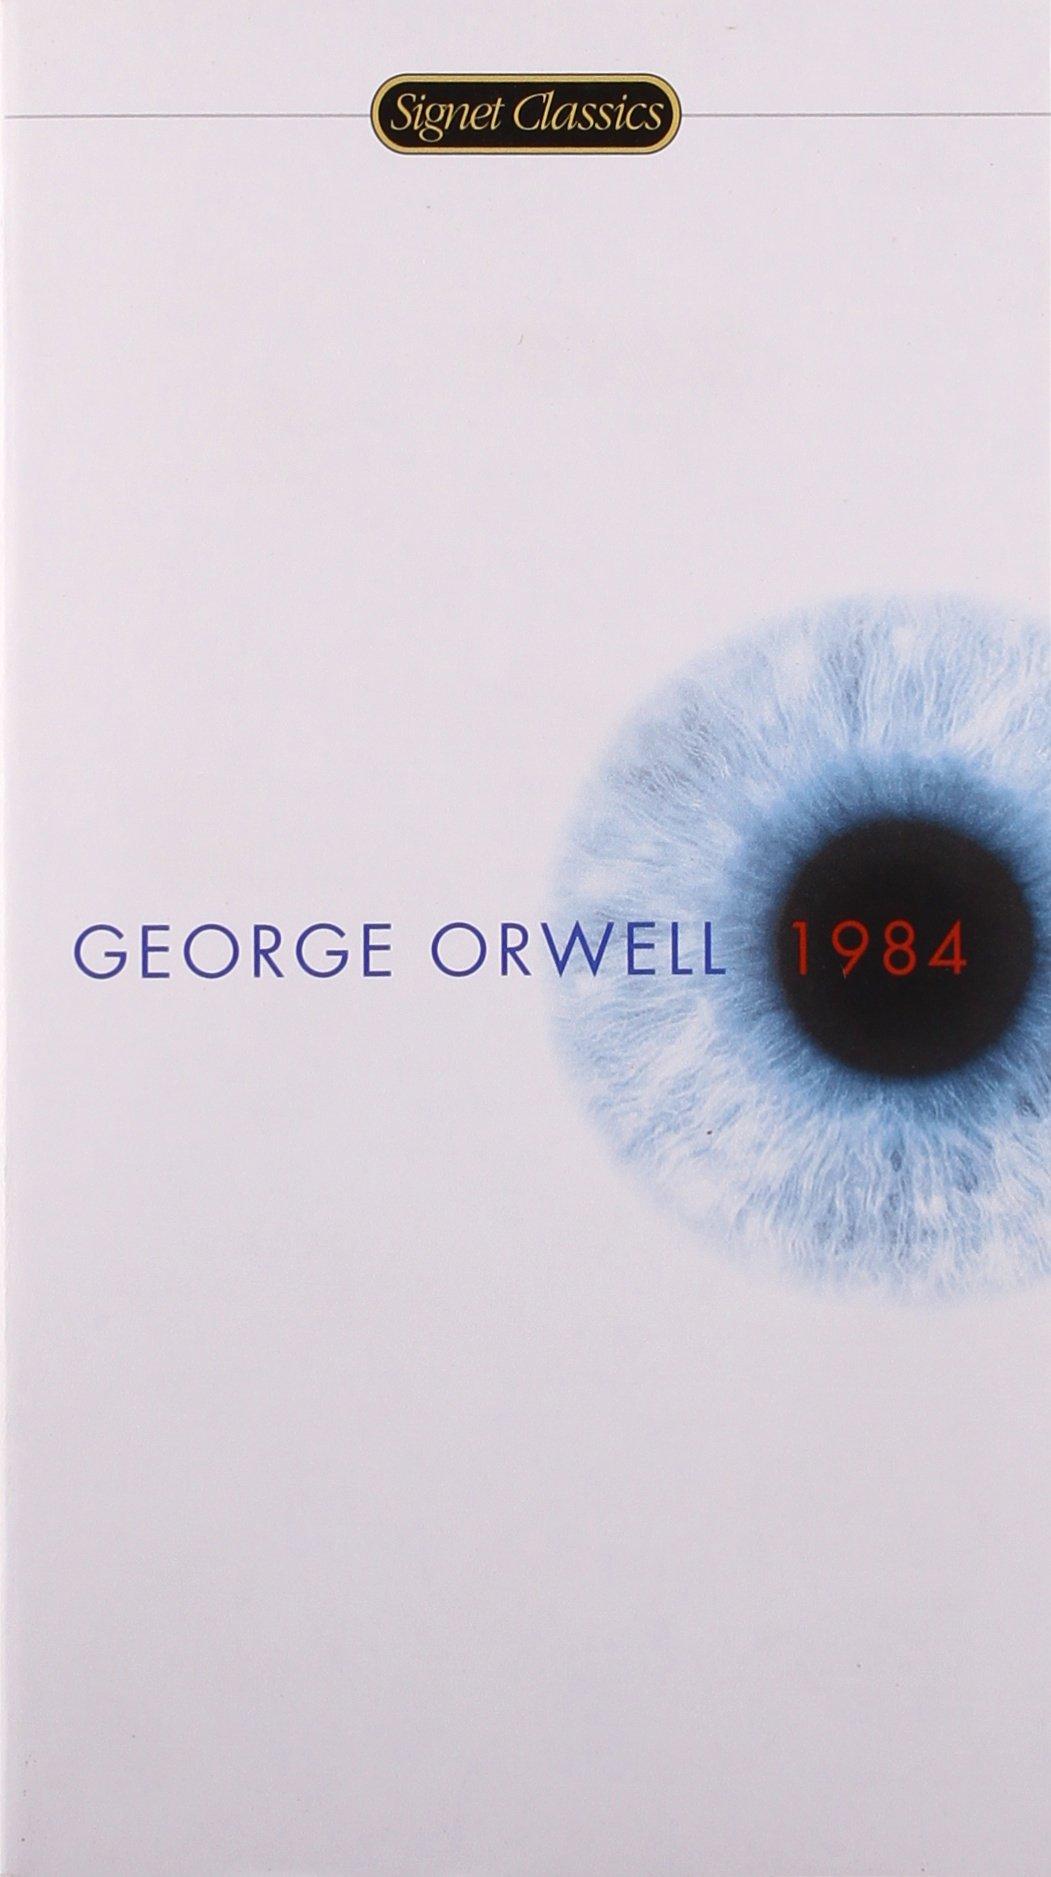 La edición de bolsillo de '1984' que ocupa el primer puesto entre los best sellers de Amazon